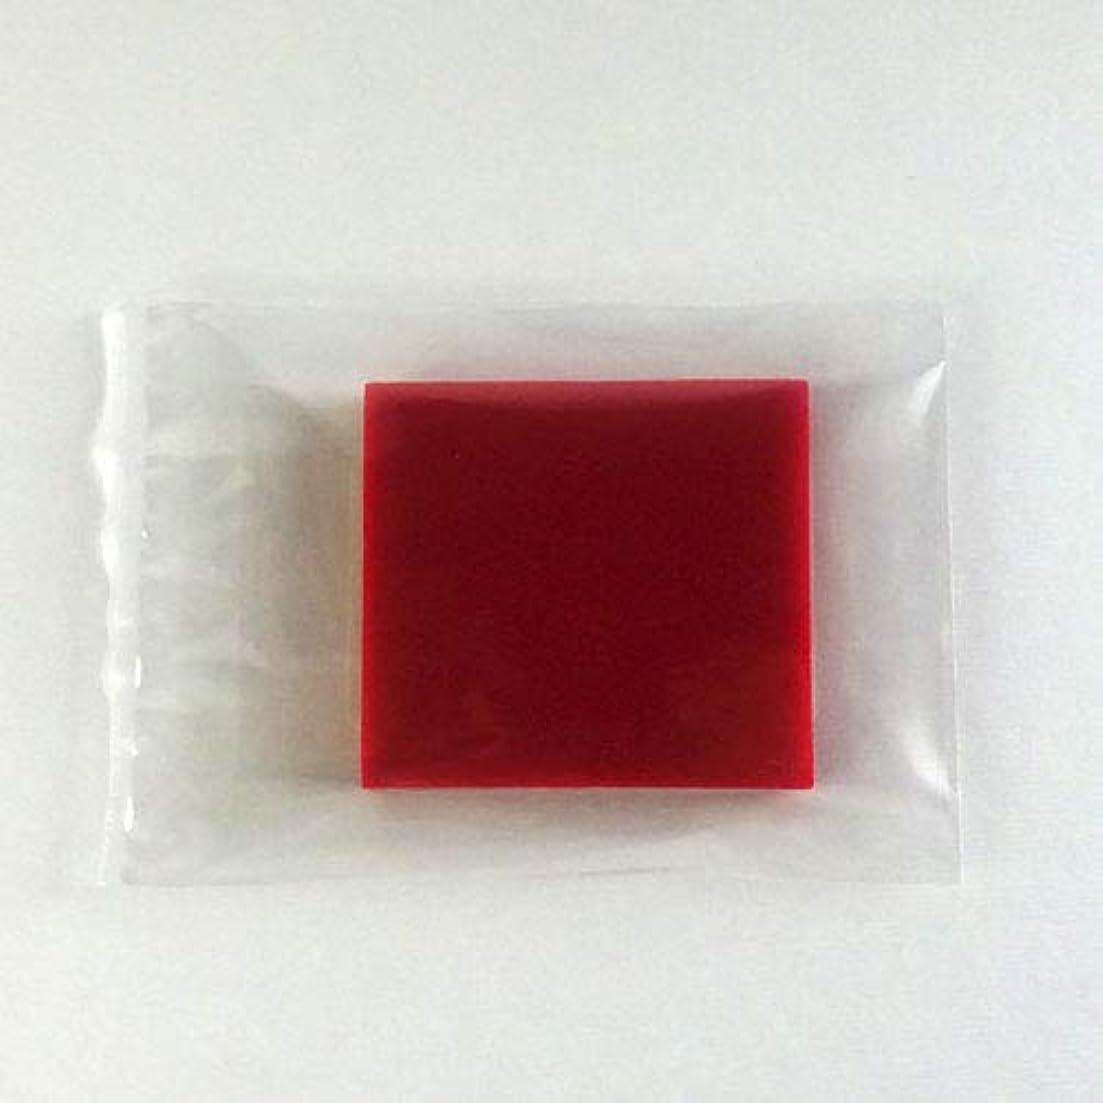 タブレットカメ胴体グリセリンソープ MPソープ 色チップ 赤(レッド) 120g(30g x 4pc)